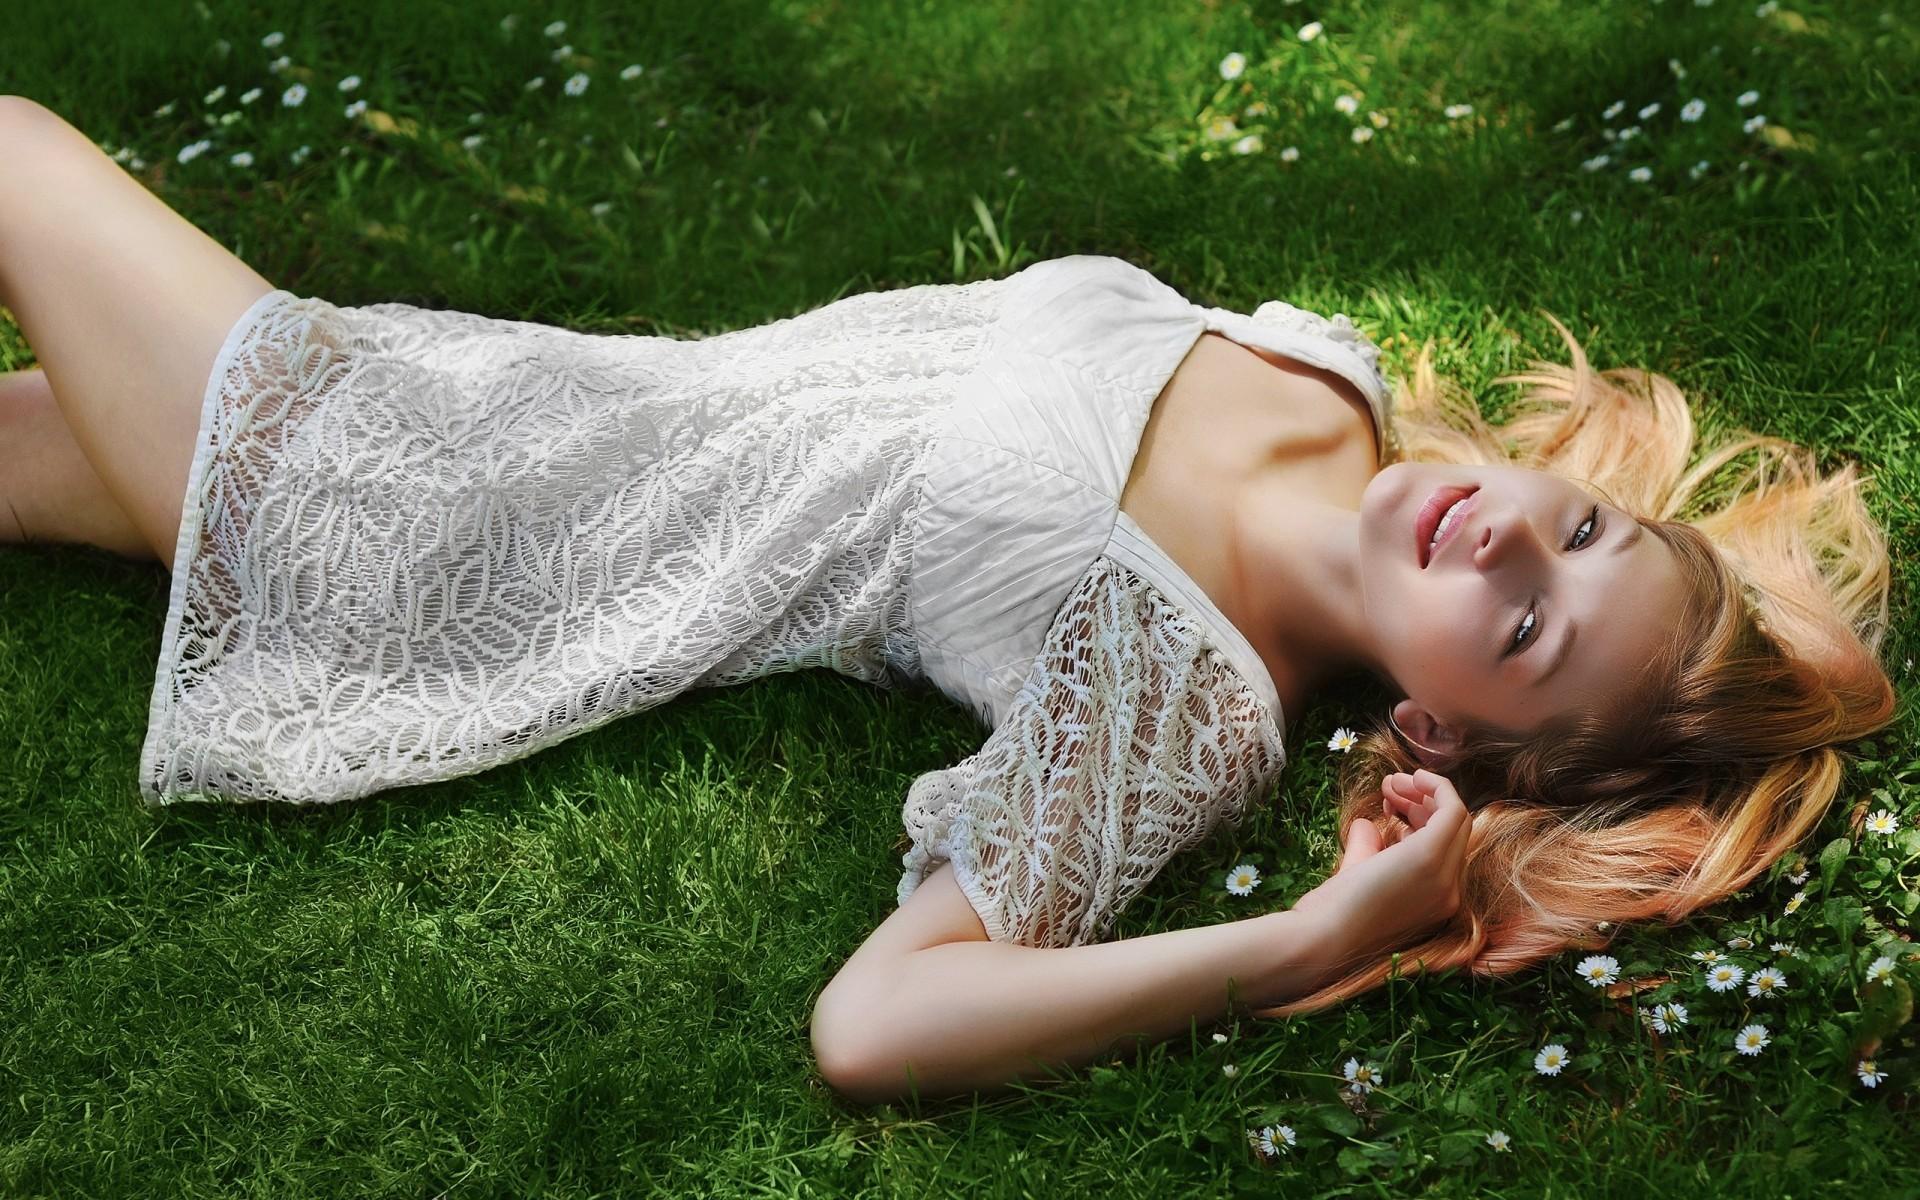 Angel blonde woman sleeping